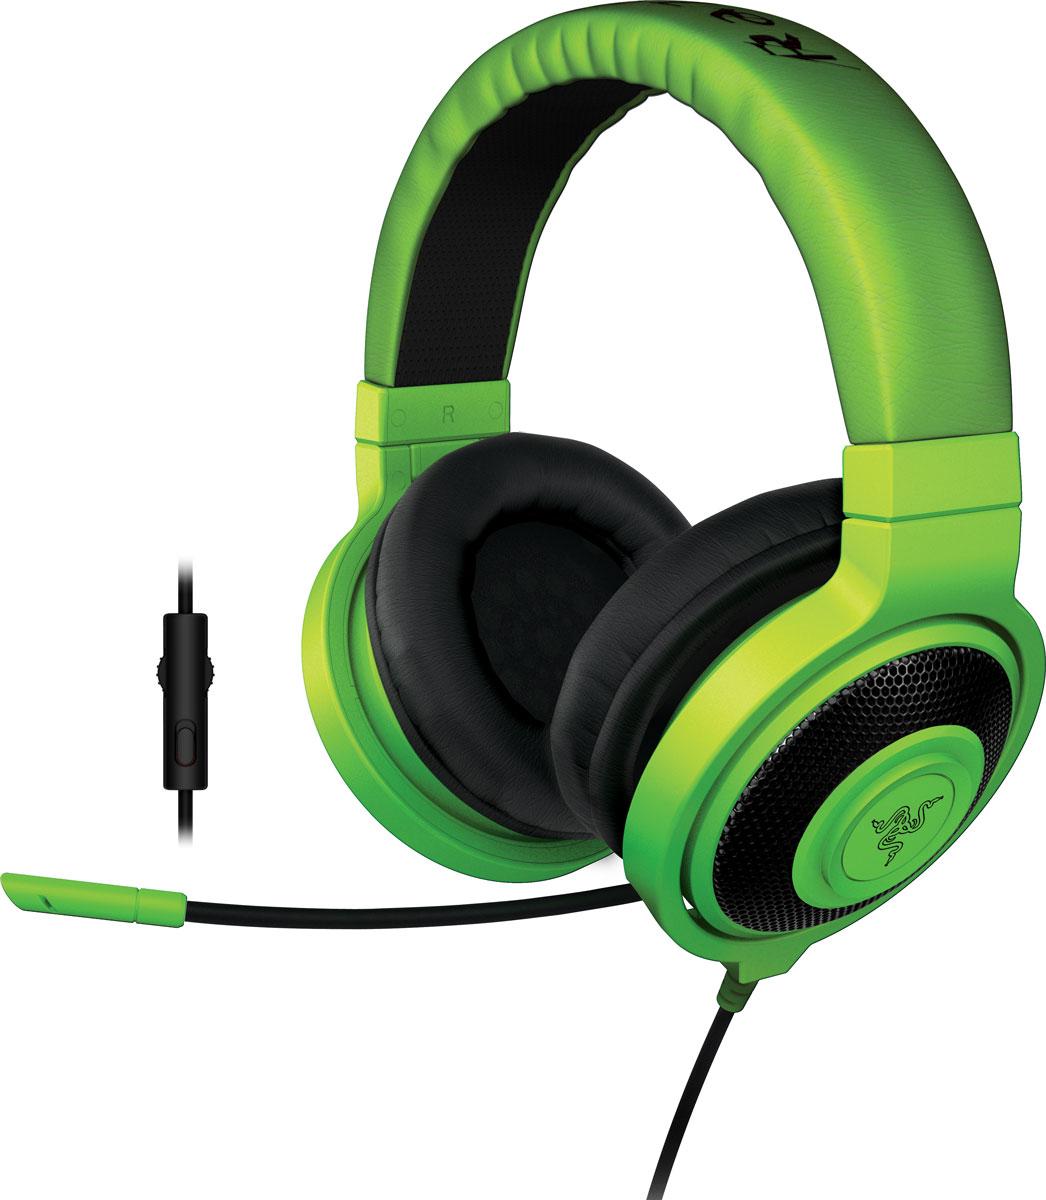 Razer Kraken Pro 2015, Green игровые наушникиRZ04-01380200-R3M1Идеальное сочетание веса, практичности и качества, Razer Kraken Pro 2015 без сомнений является самой удобной игровой гарнитурой. Помимо высокого удобства носки, Razer Kraken Pro 2015 обладает полностью выдвижным микрофоном, встроенным колесиком регулировки громкости и кнопкой отключения микрофона, что максимально облегчает ее использование. Благодаря высококачественным динамикам большого размера эта полноразмерная гарнитура обеспечивает захватывающий игровой звук в течение многих часов. Разделительный кабель для комбинированного разъема на 3,5 мм обеспечивает поддержку микрофона на мобильных устройствах, а также возможность полноценного подключения к вашим игровым устройствам. Поэтому где бы вы не находились, вам никогда не придется менять гарнитуры. Игровая гарнитура Razer Kraken Pro, как и Razer Electra, была протестирована профессиональными геймерами и спортсменами, чтобы мы могли подобрать оптимальный вес для долгих игровых...